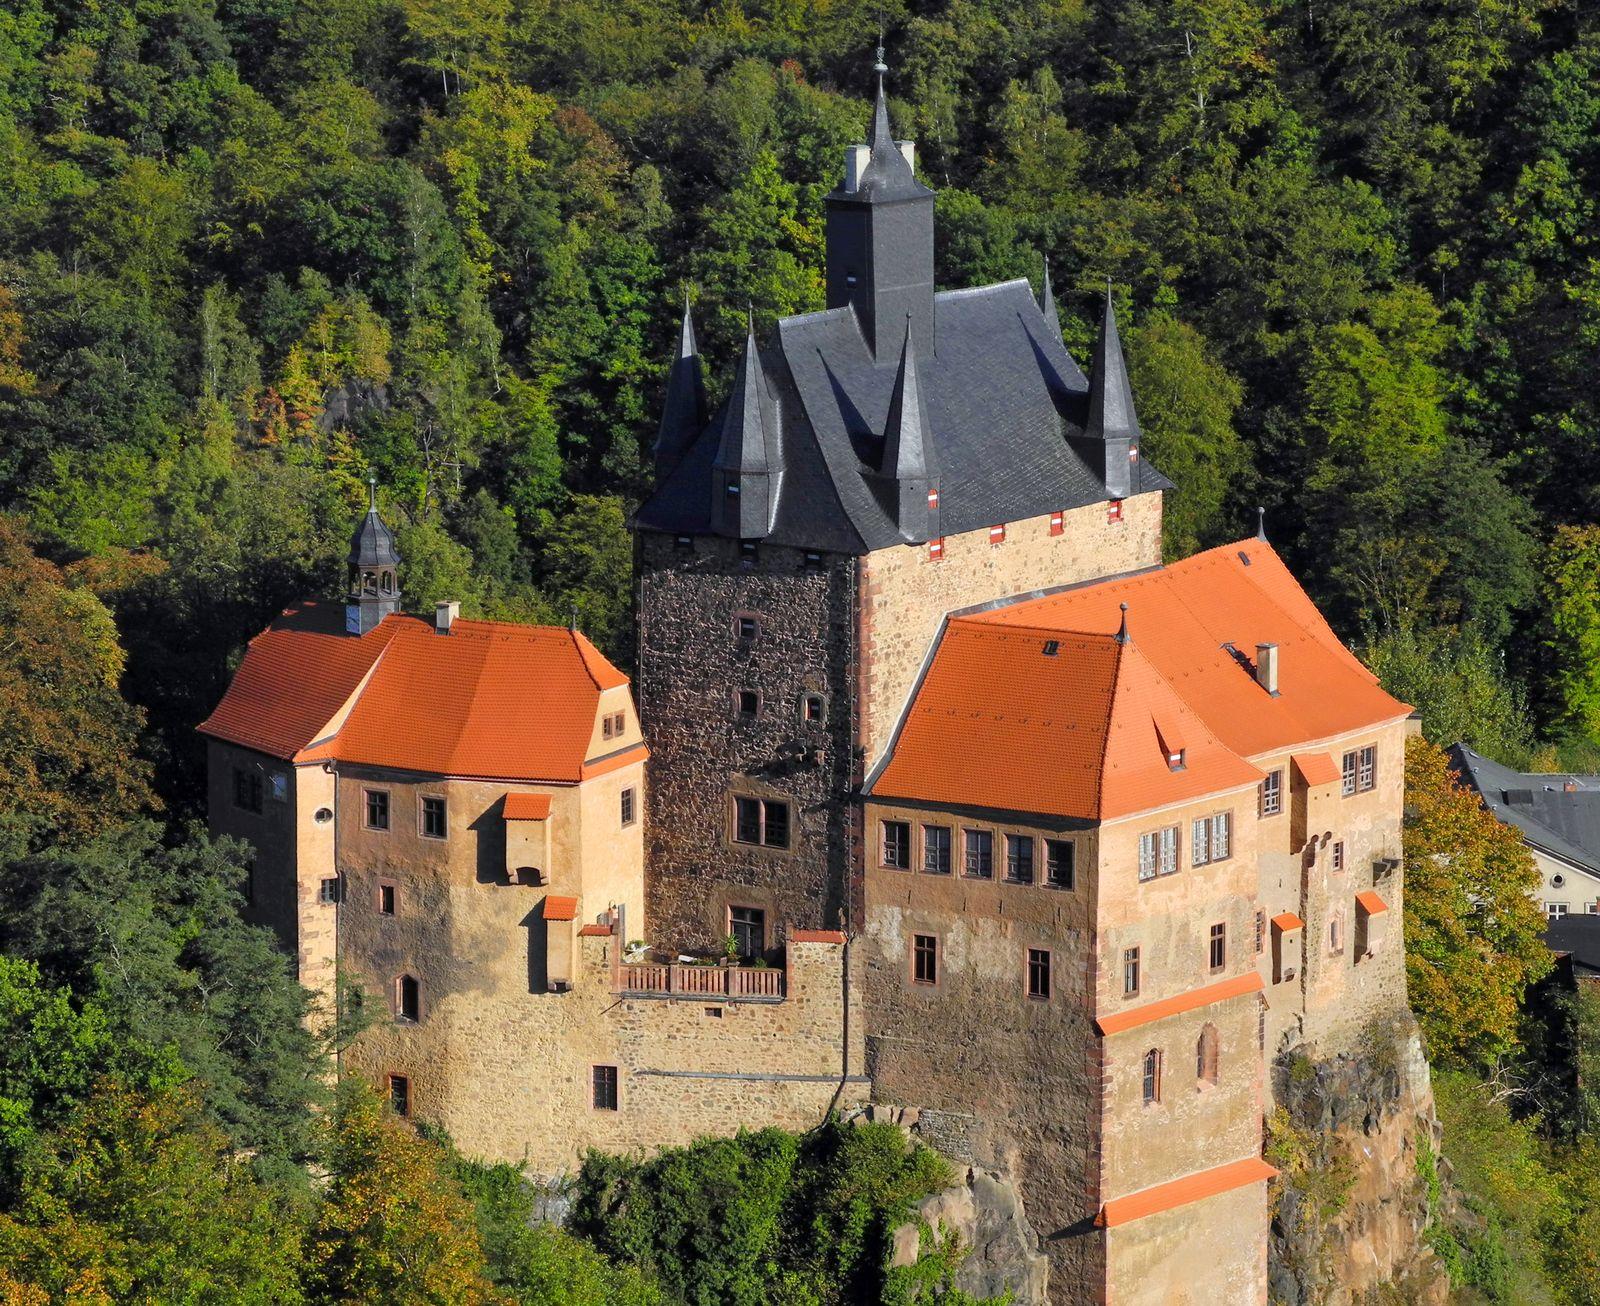 Sachsens Burgen / Burg Kriebstein